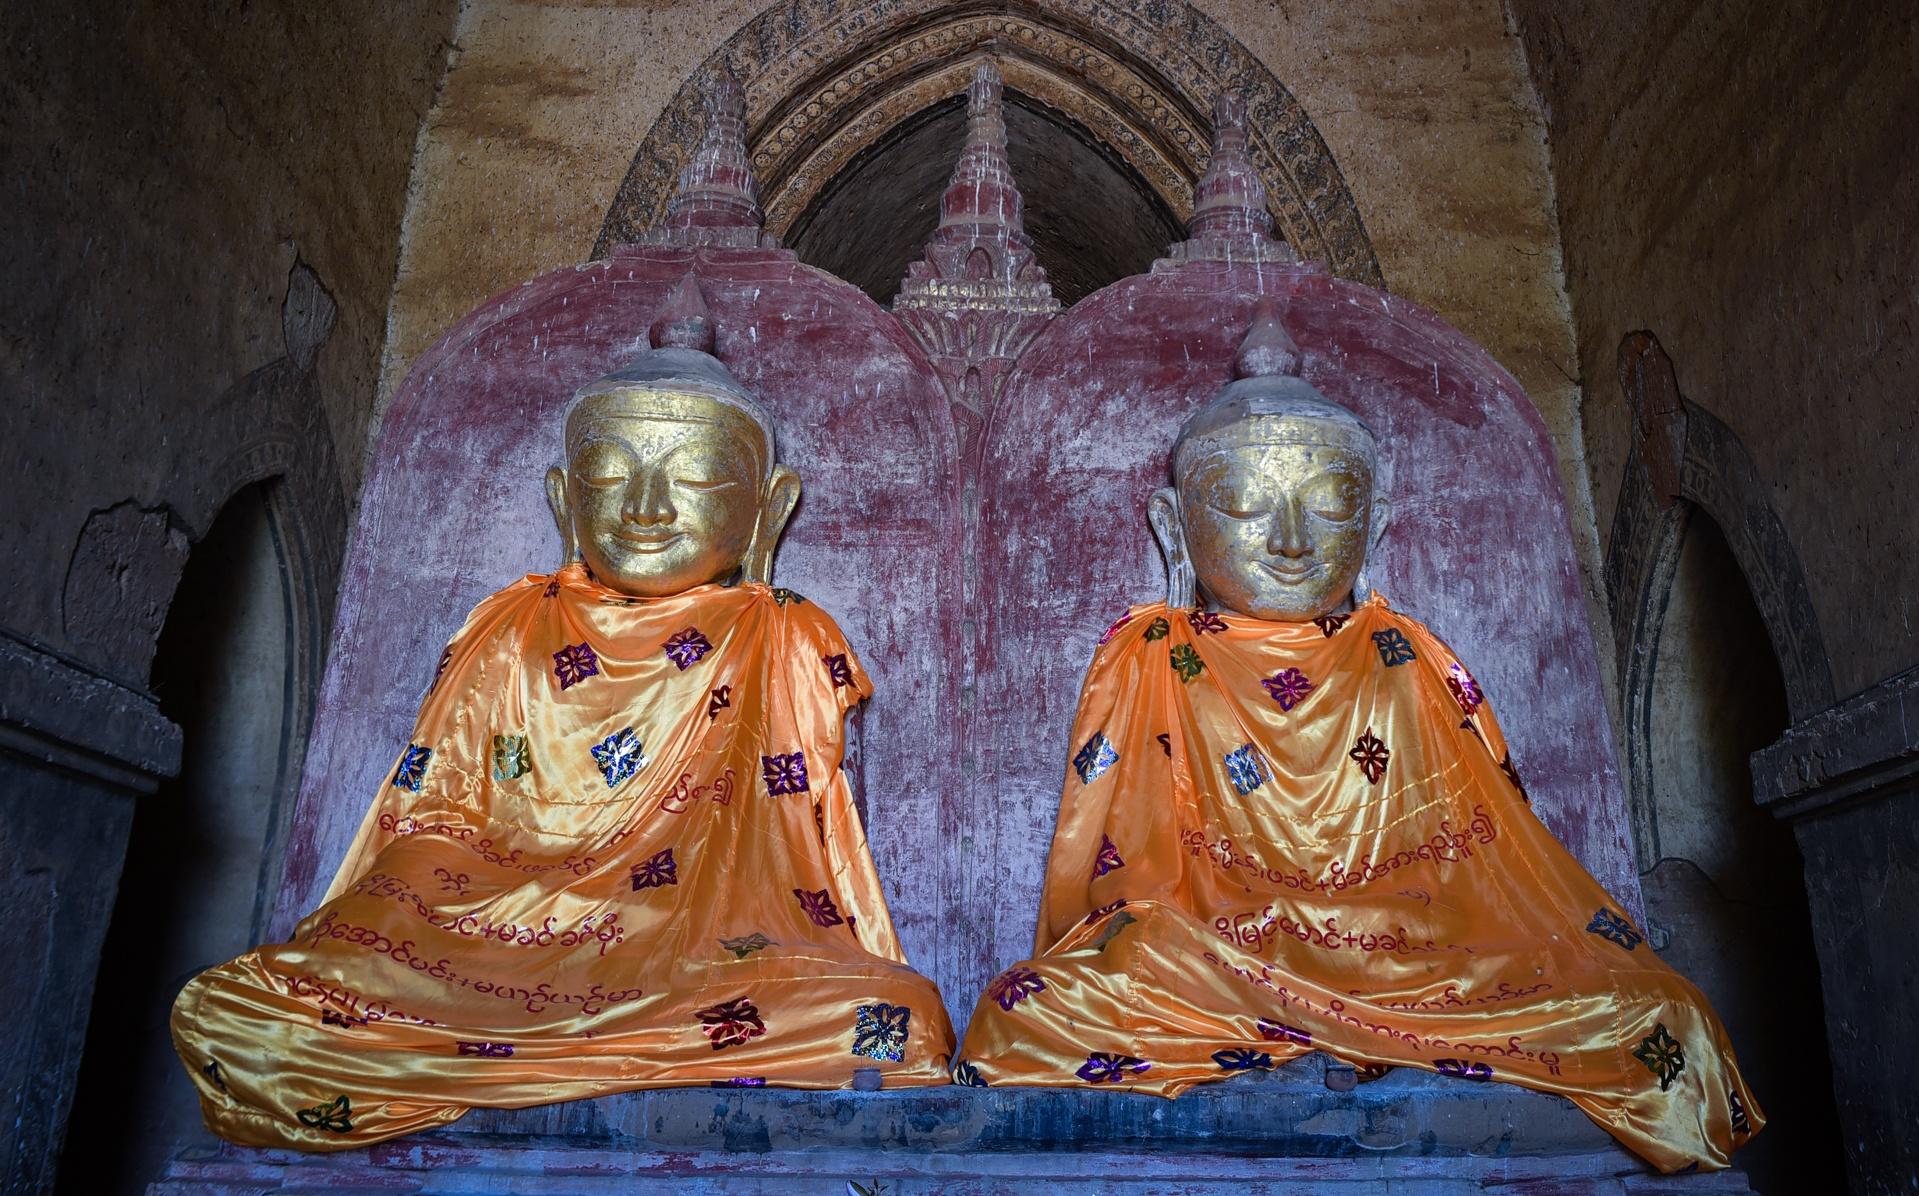 Thang 10 tuoi dep o Myanmar hinh anh 13